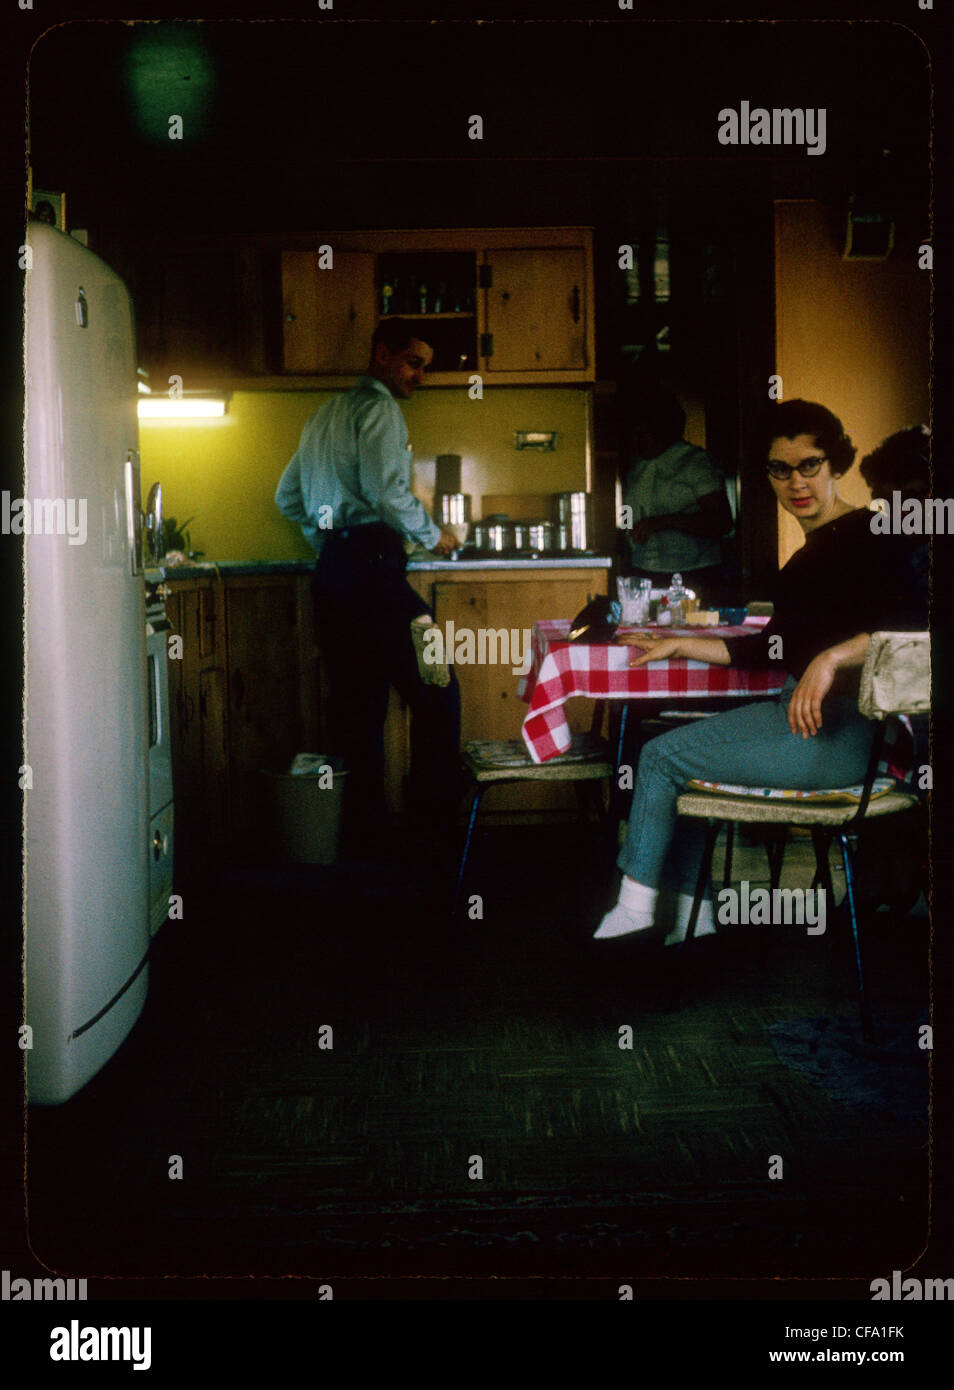 Femme assise homme debout dans la cuisine pendant les années 1960 Photo Stock